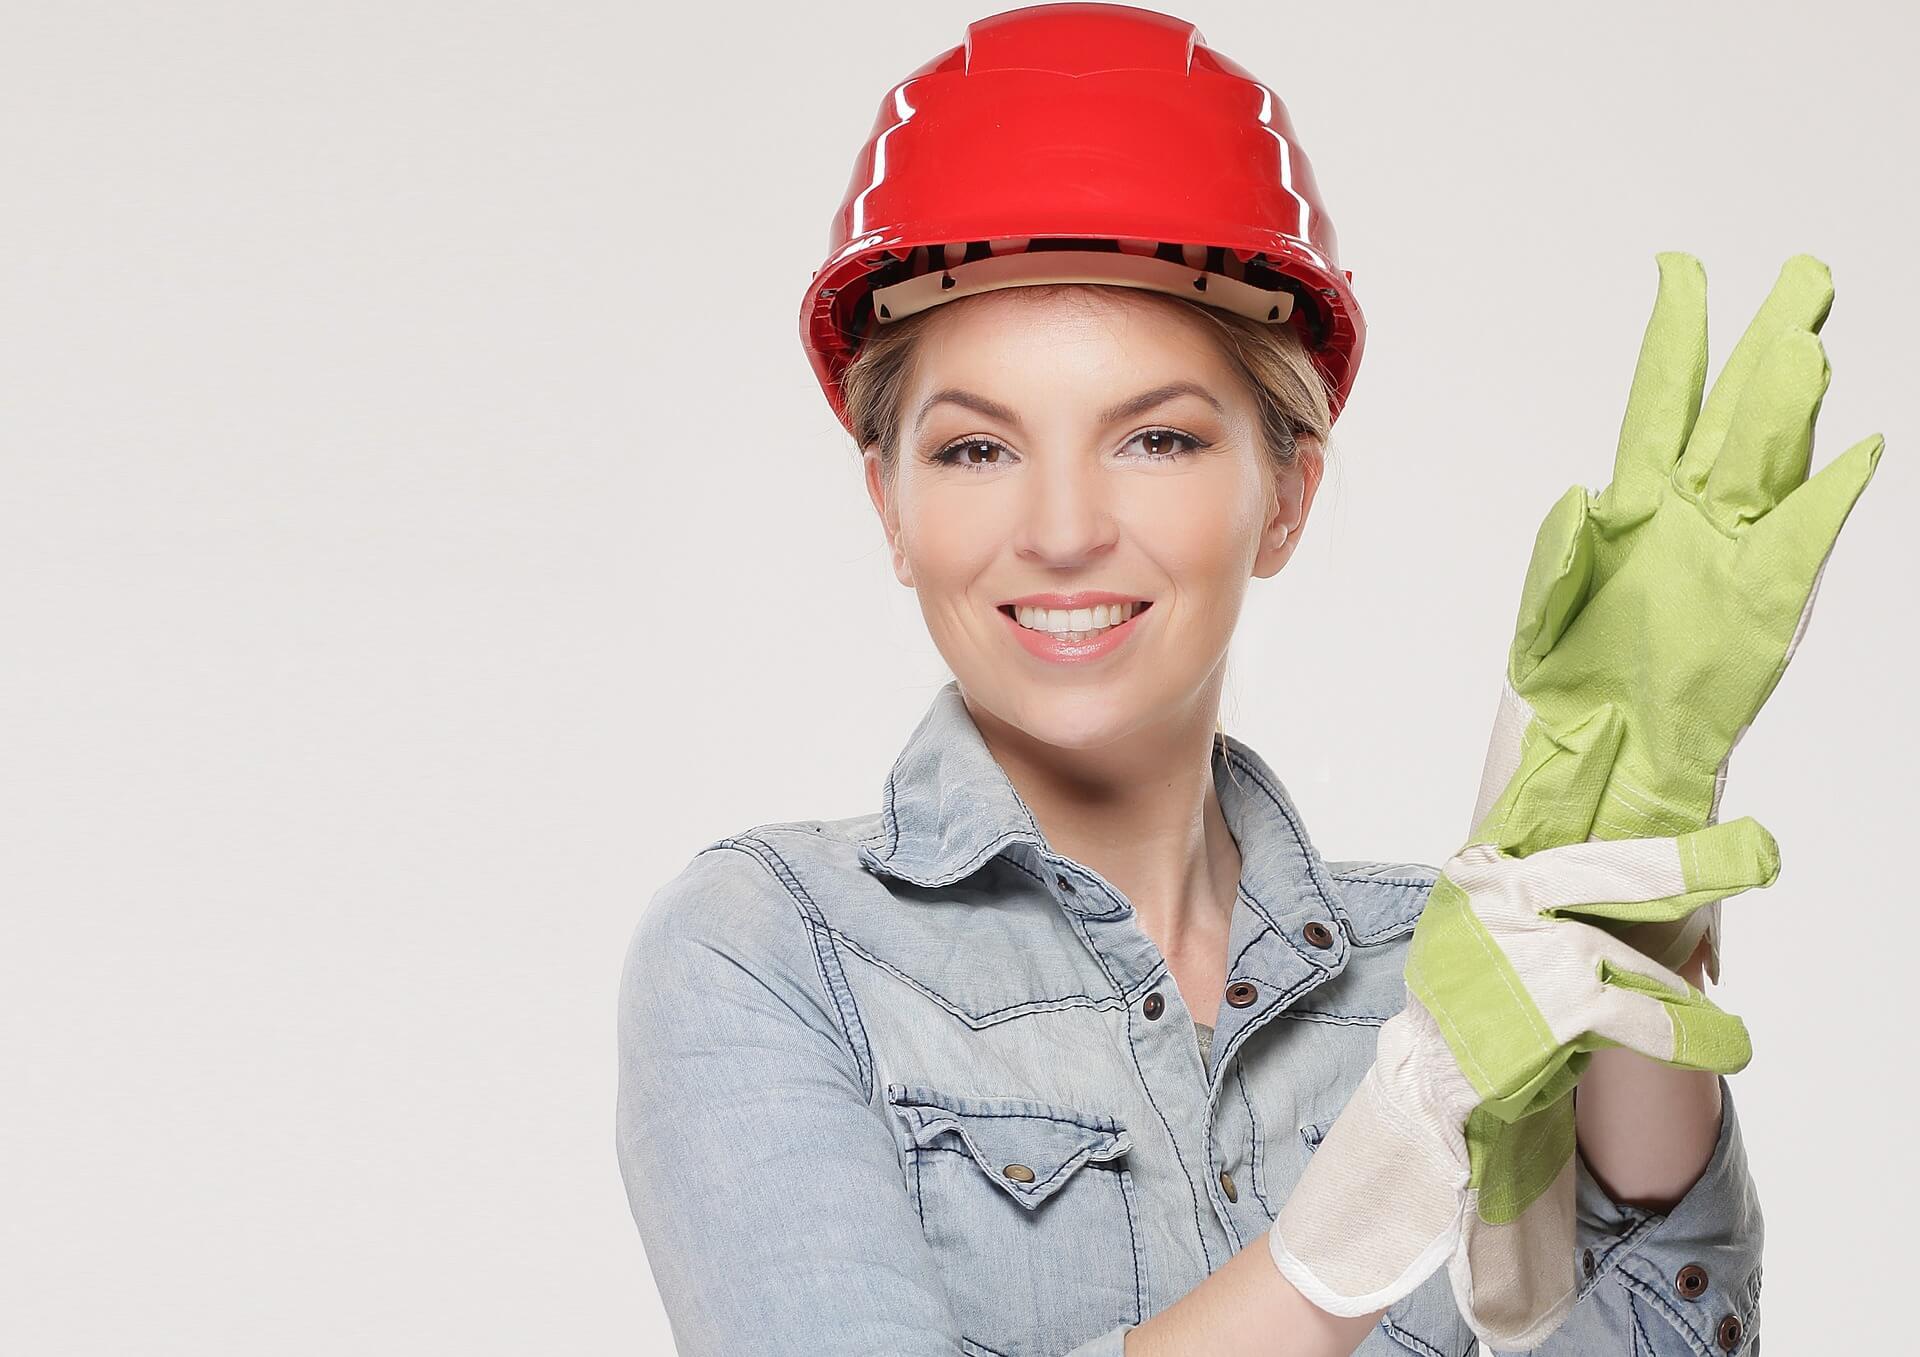 Handwerker, BU, Berufsunfähgikeit, Erwerbsunfähigkeit